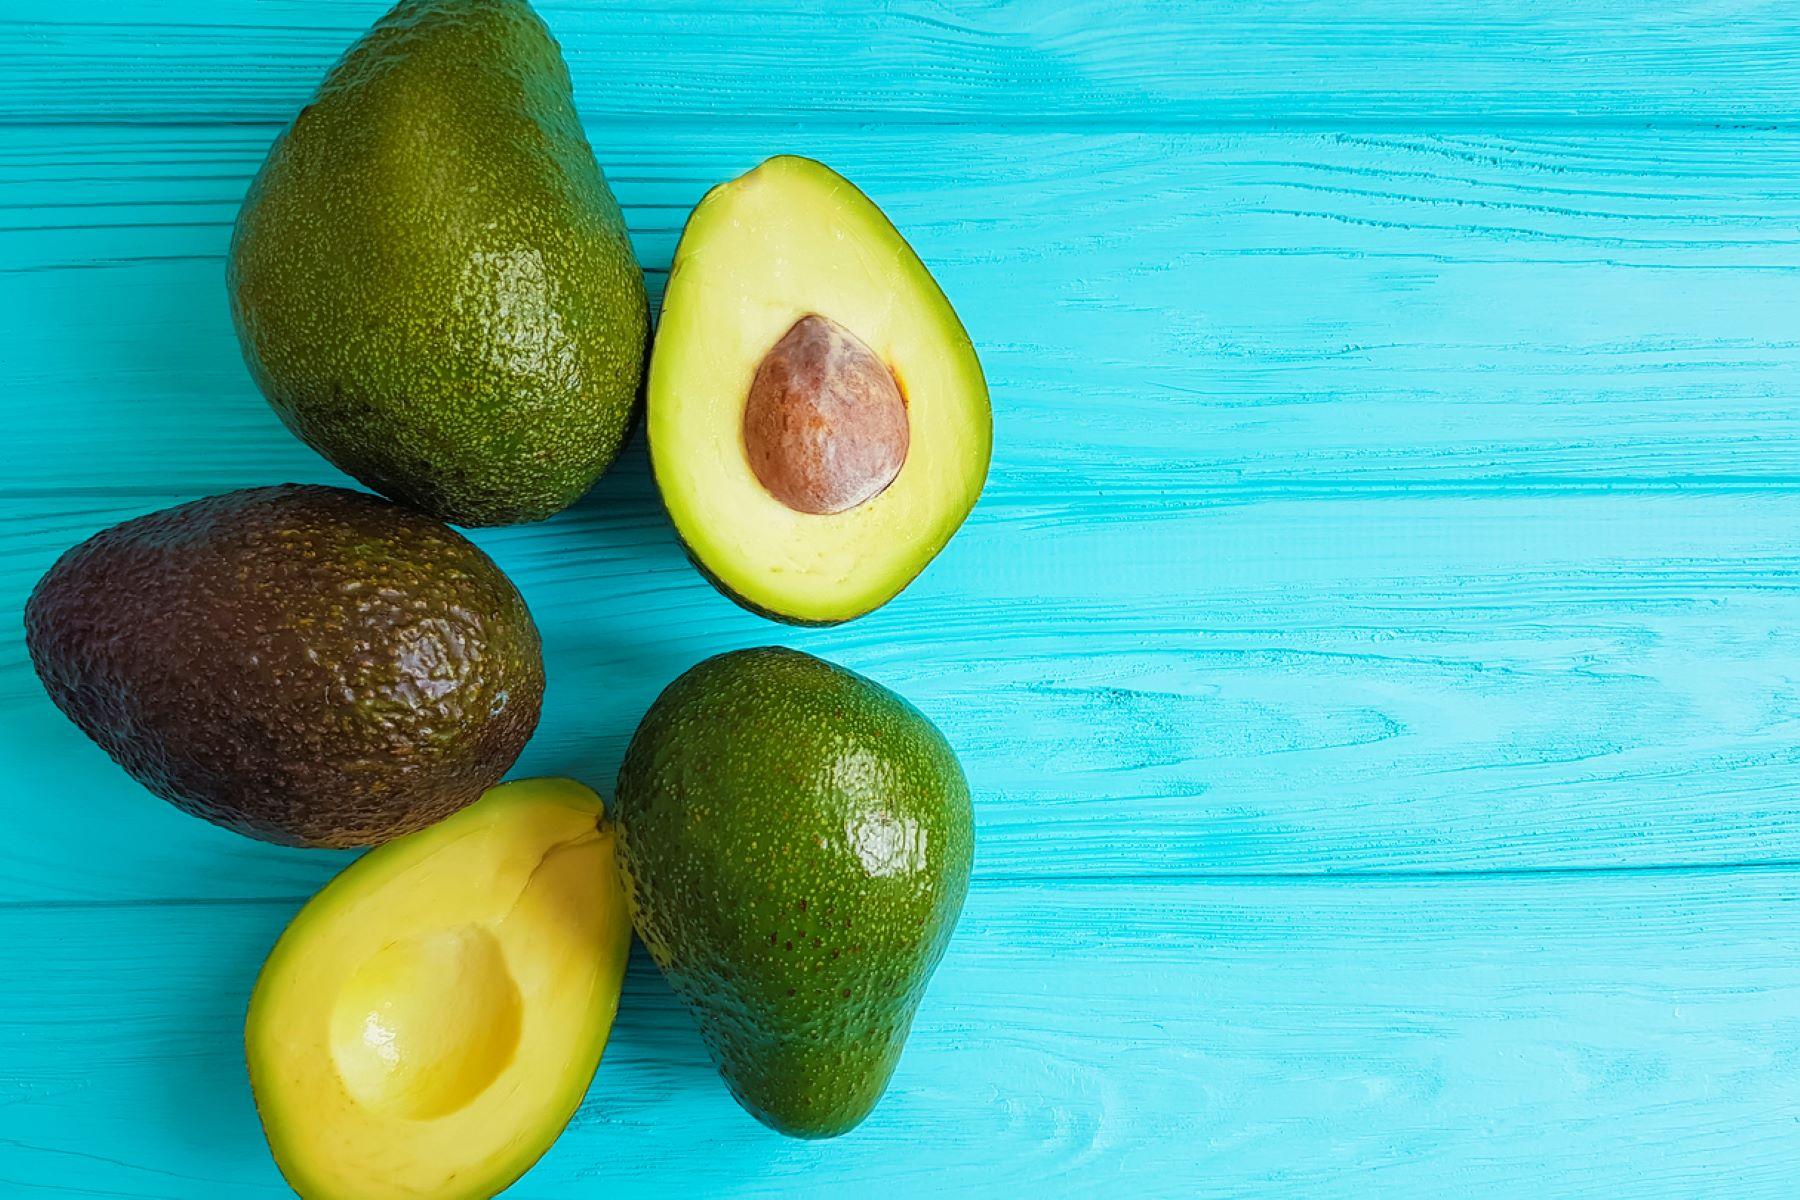 Αβοκάντο: Πώς να εντάξουμε το αβοκάντο στη διατροφή μας;